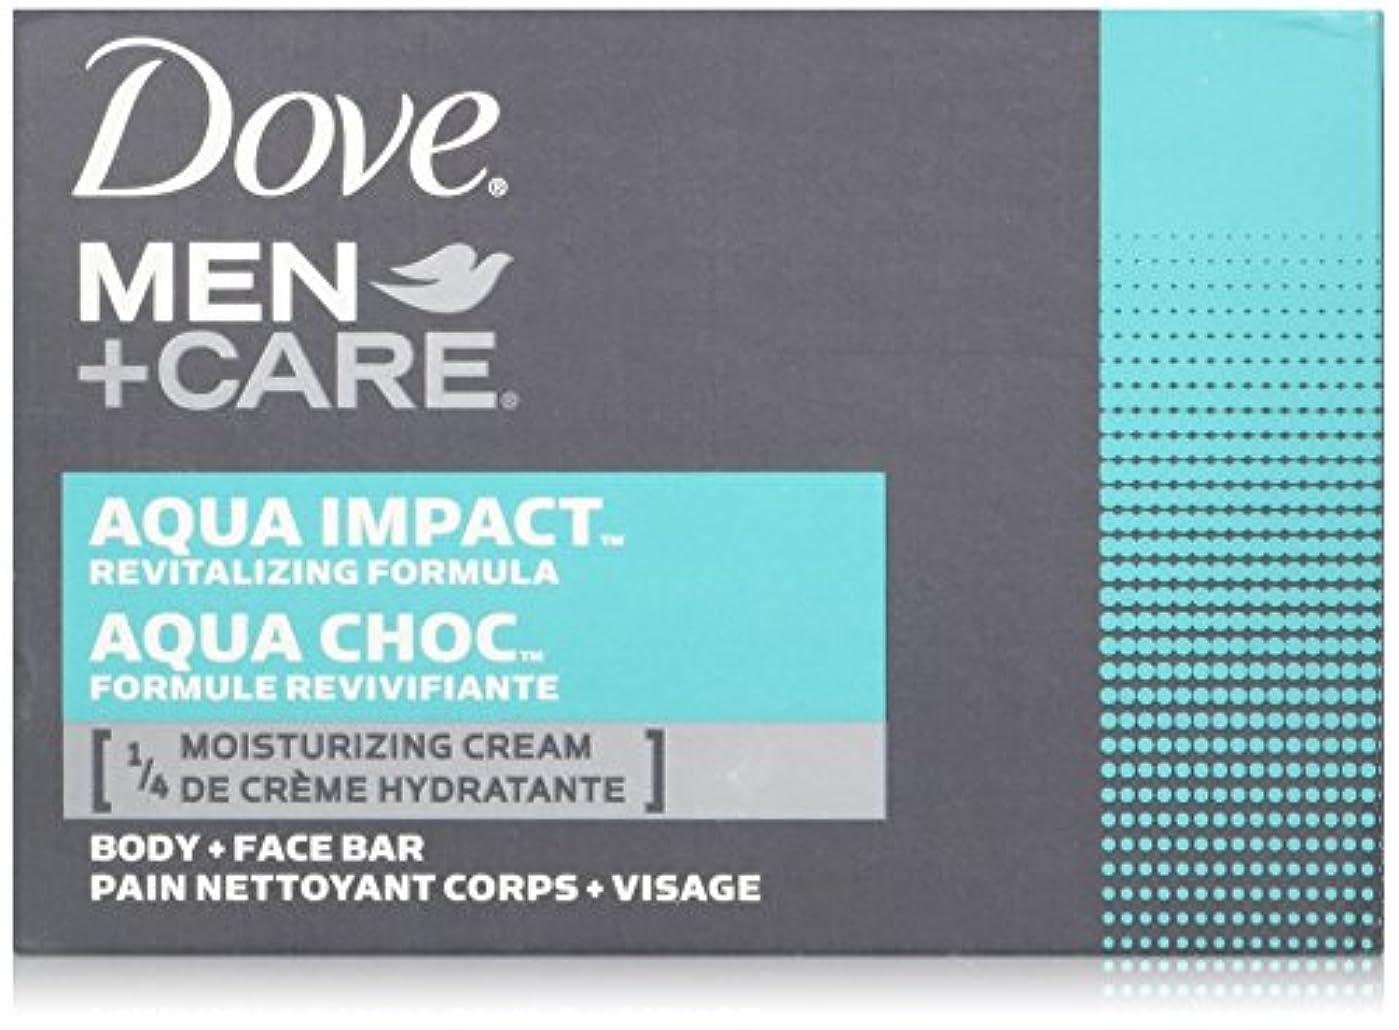 ギャザー下着累計Dove Men + Care Body and Face Bar, AQUA IMPACT 4oz x 6soaps ダブ メン プラスケア アクアインパクト 固形石鹸 4oz x 6個パック